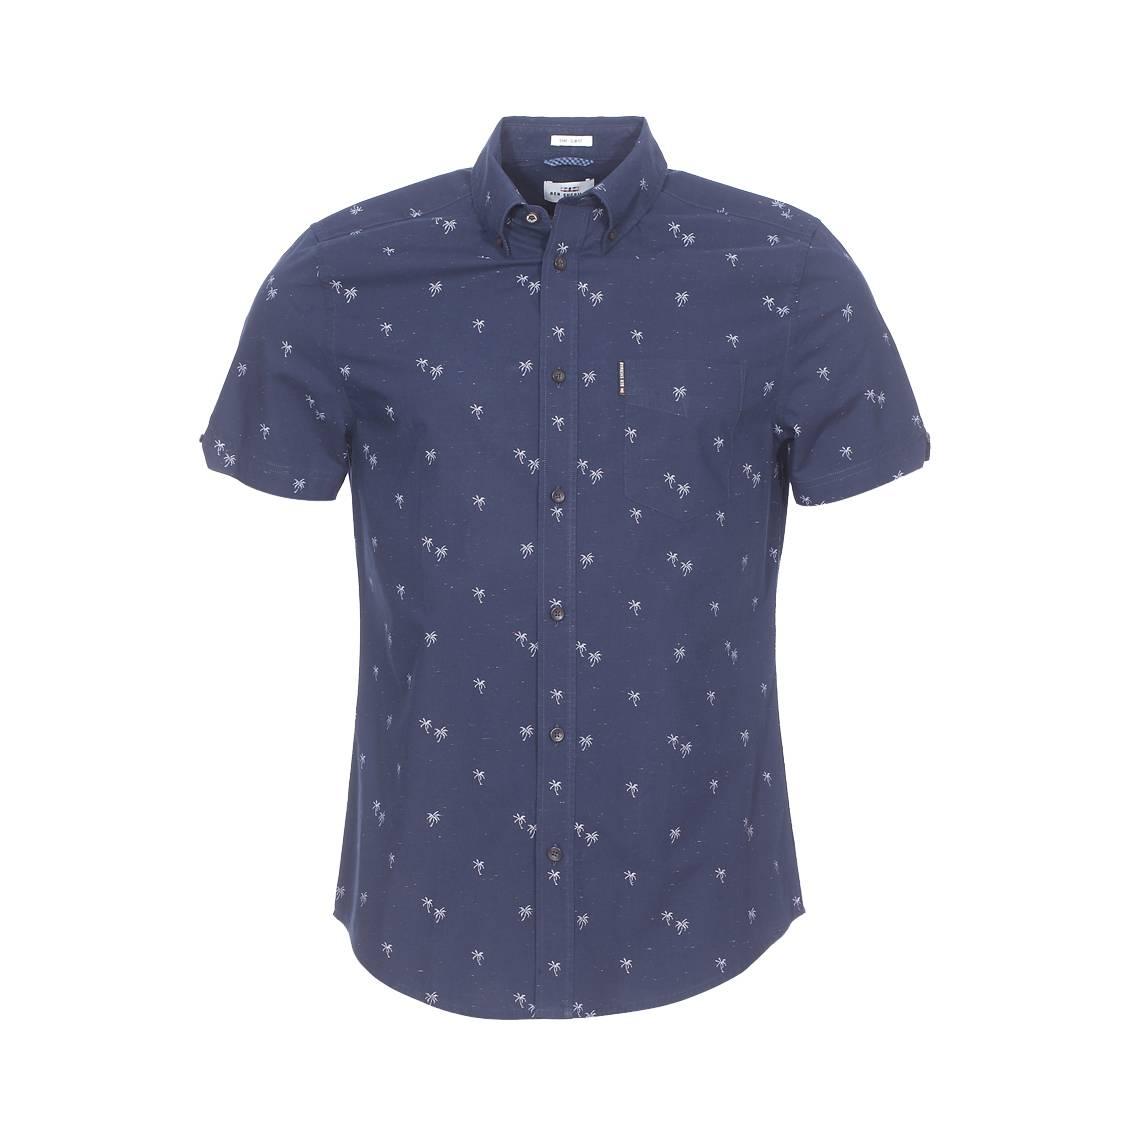 Chemise cintrée manches courtes  en coton bleu marine moucheté à petits palmiers